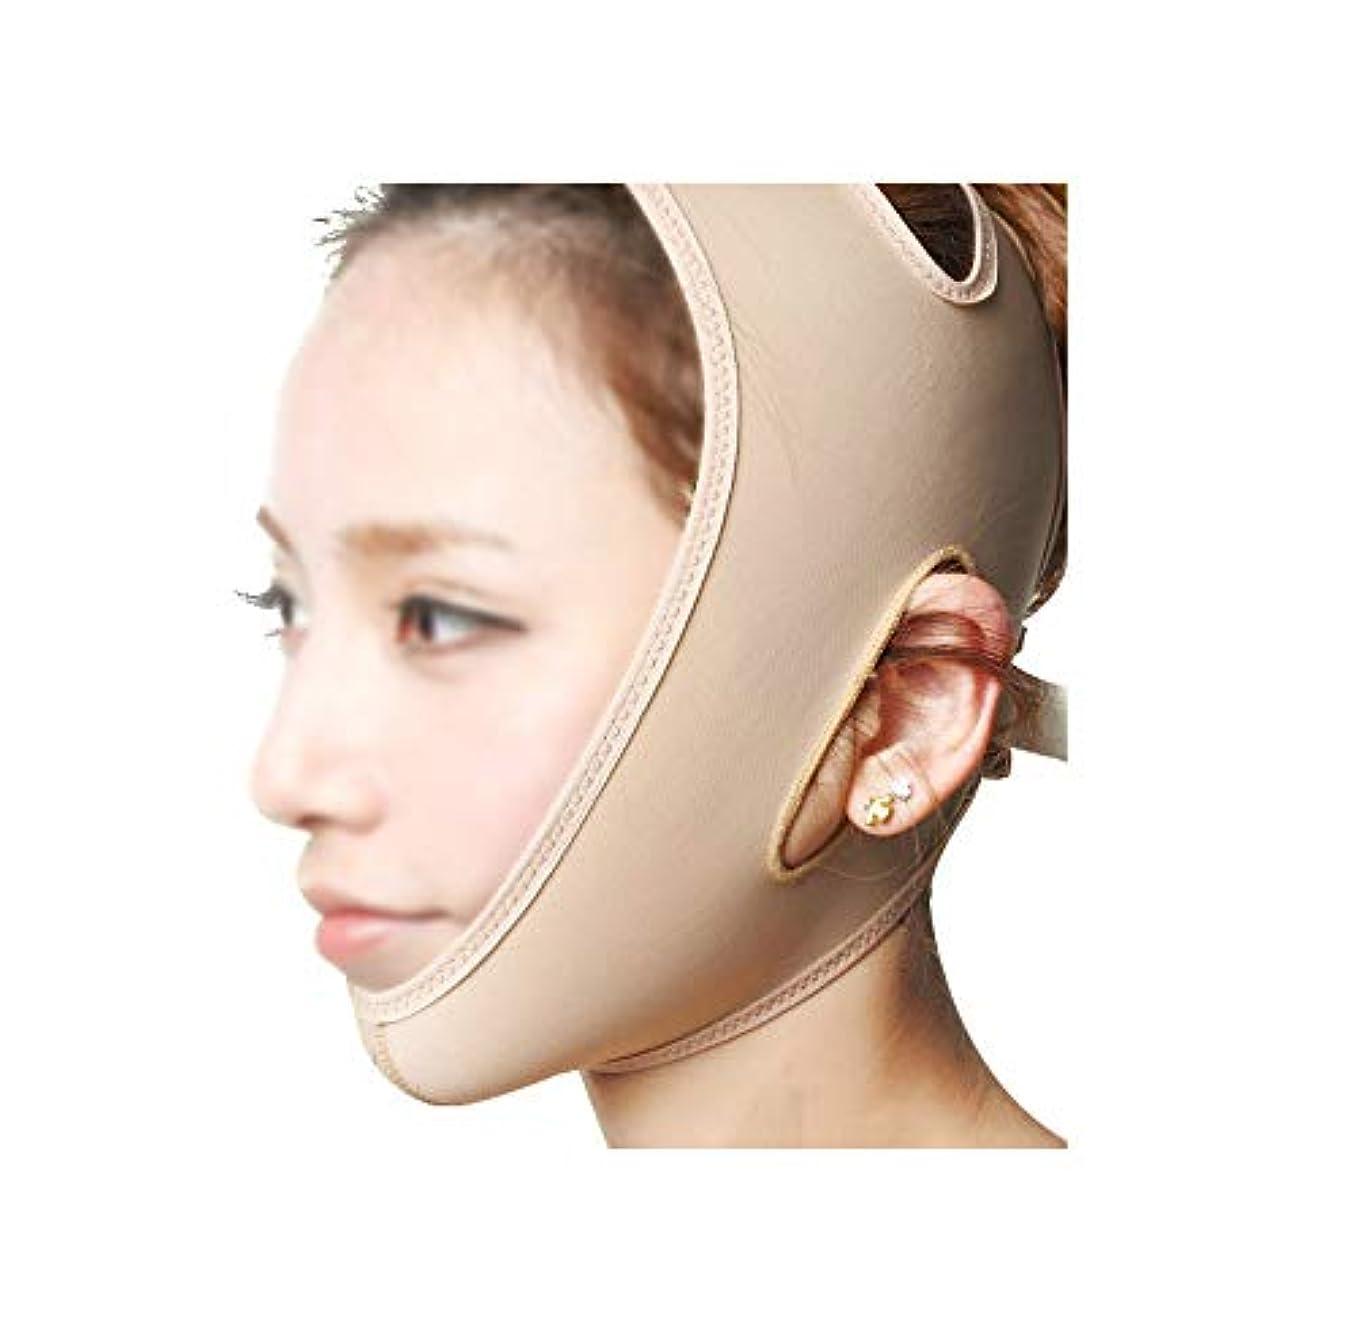 炎上感情靄LJK フェイスリフティングバンデージ、フェイスマスク3Dパネルデザイン、通気性のある非通気性、高弾性ライクラ生地フィジカルVフェイス、美しい顔の輪郭の作成 (Size : M)